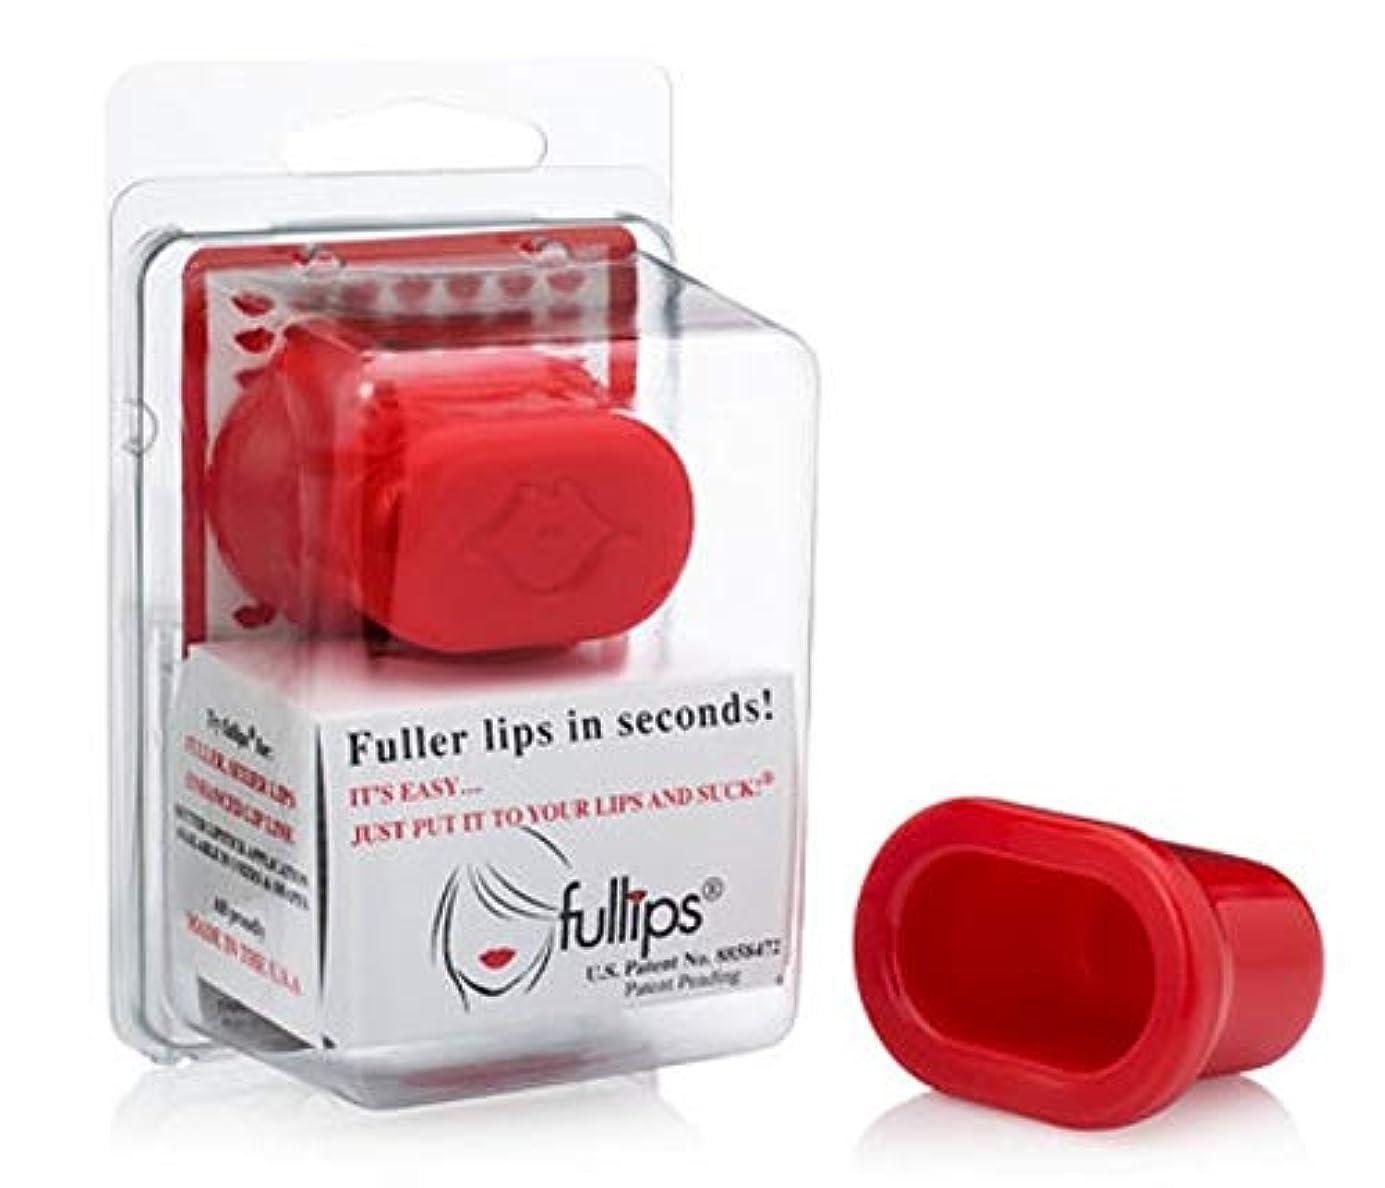 側溝精緻化断片Fullips Lip enhancers フルリップス リップ エンハンサー (ミディアム(楕円形))